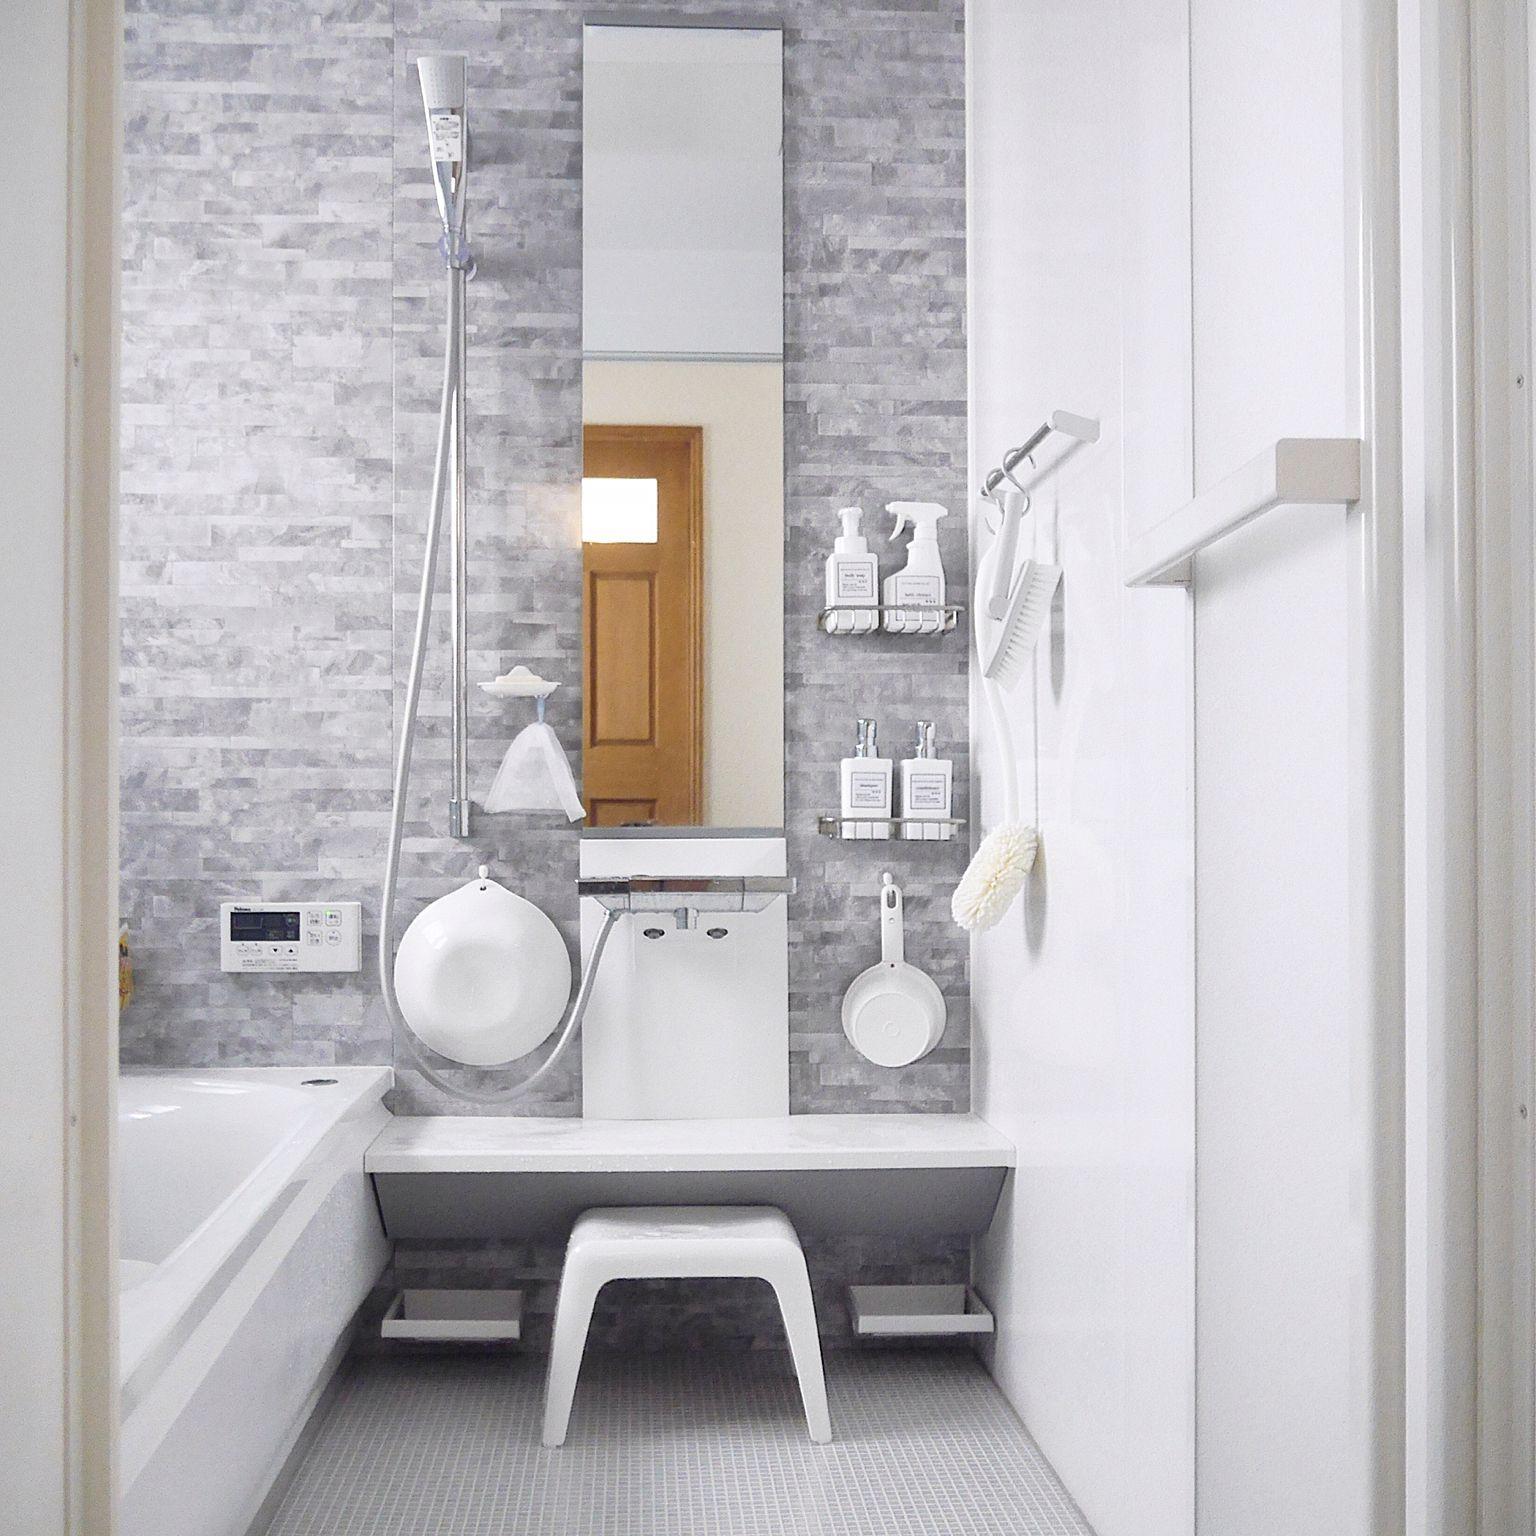 Bathroom/無印良品/ダイソー/インテリア/100均/お風呂.